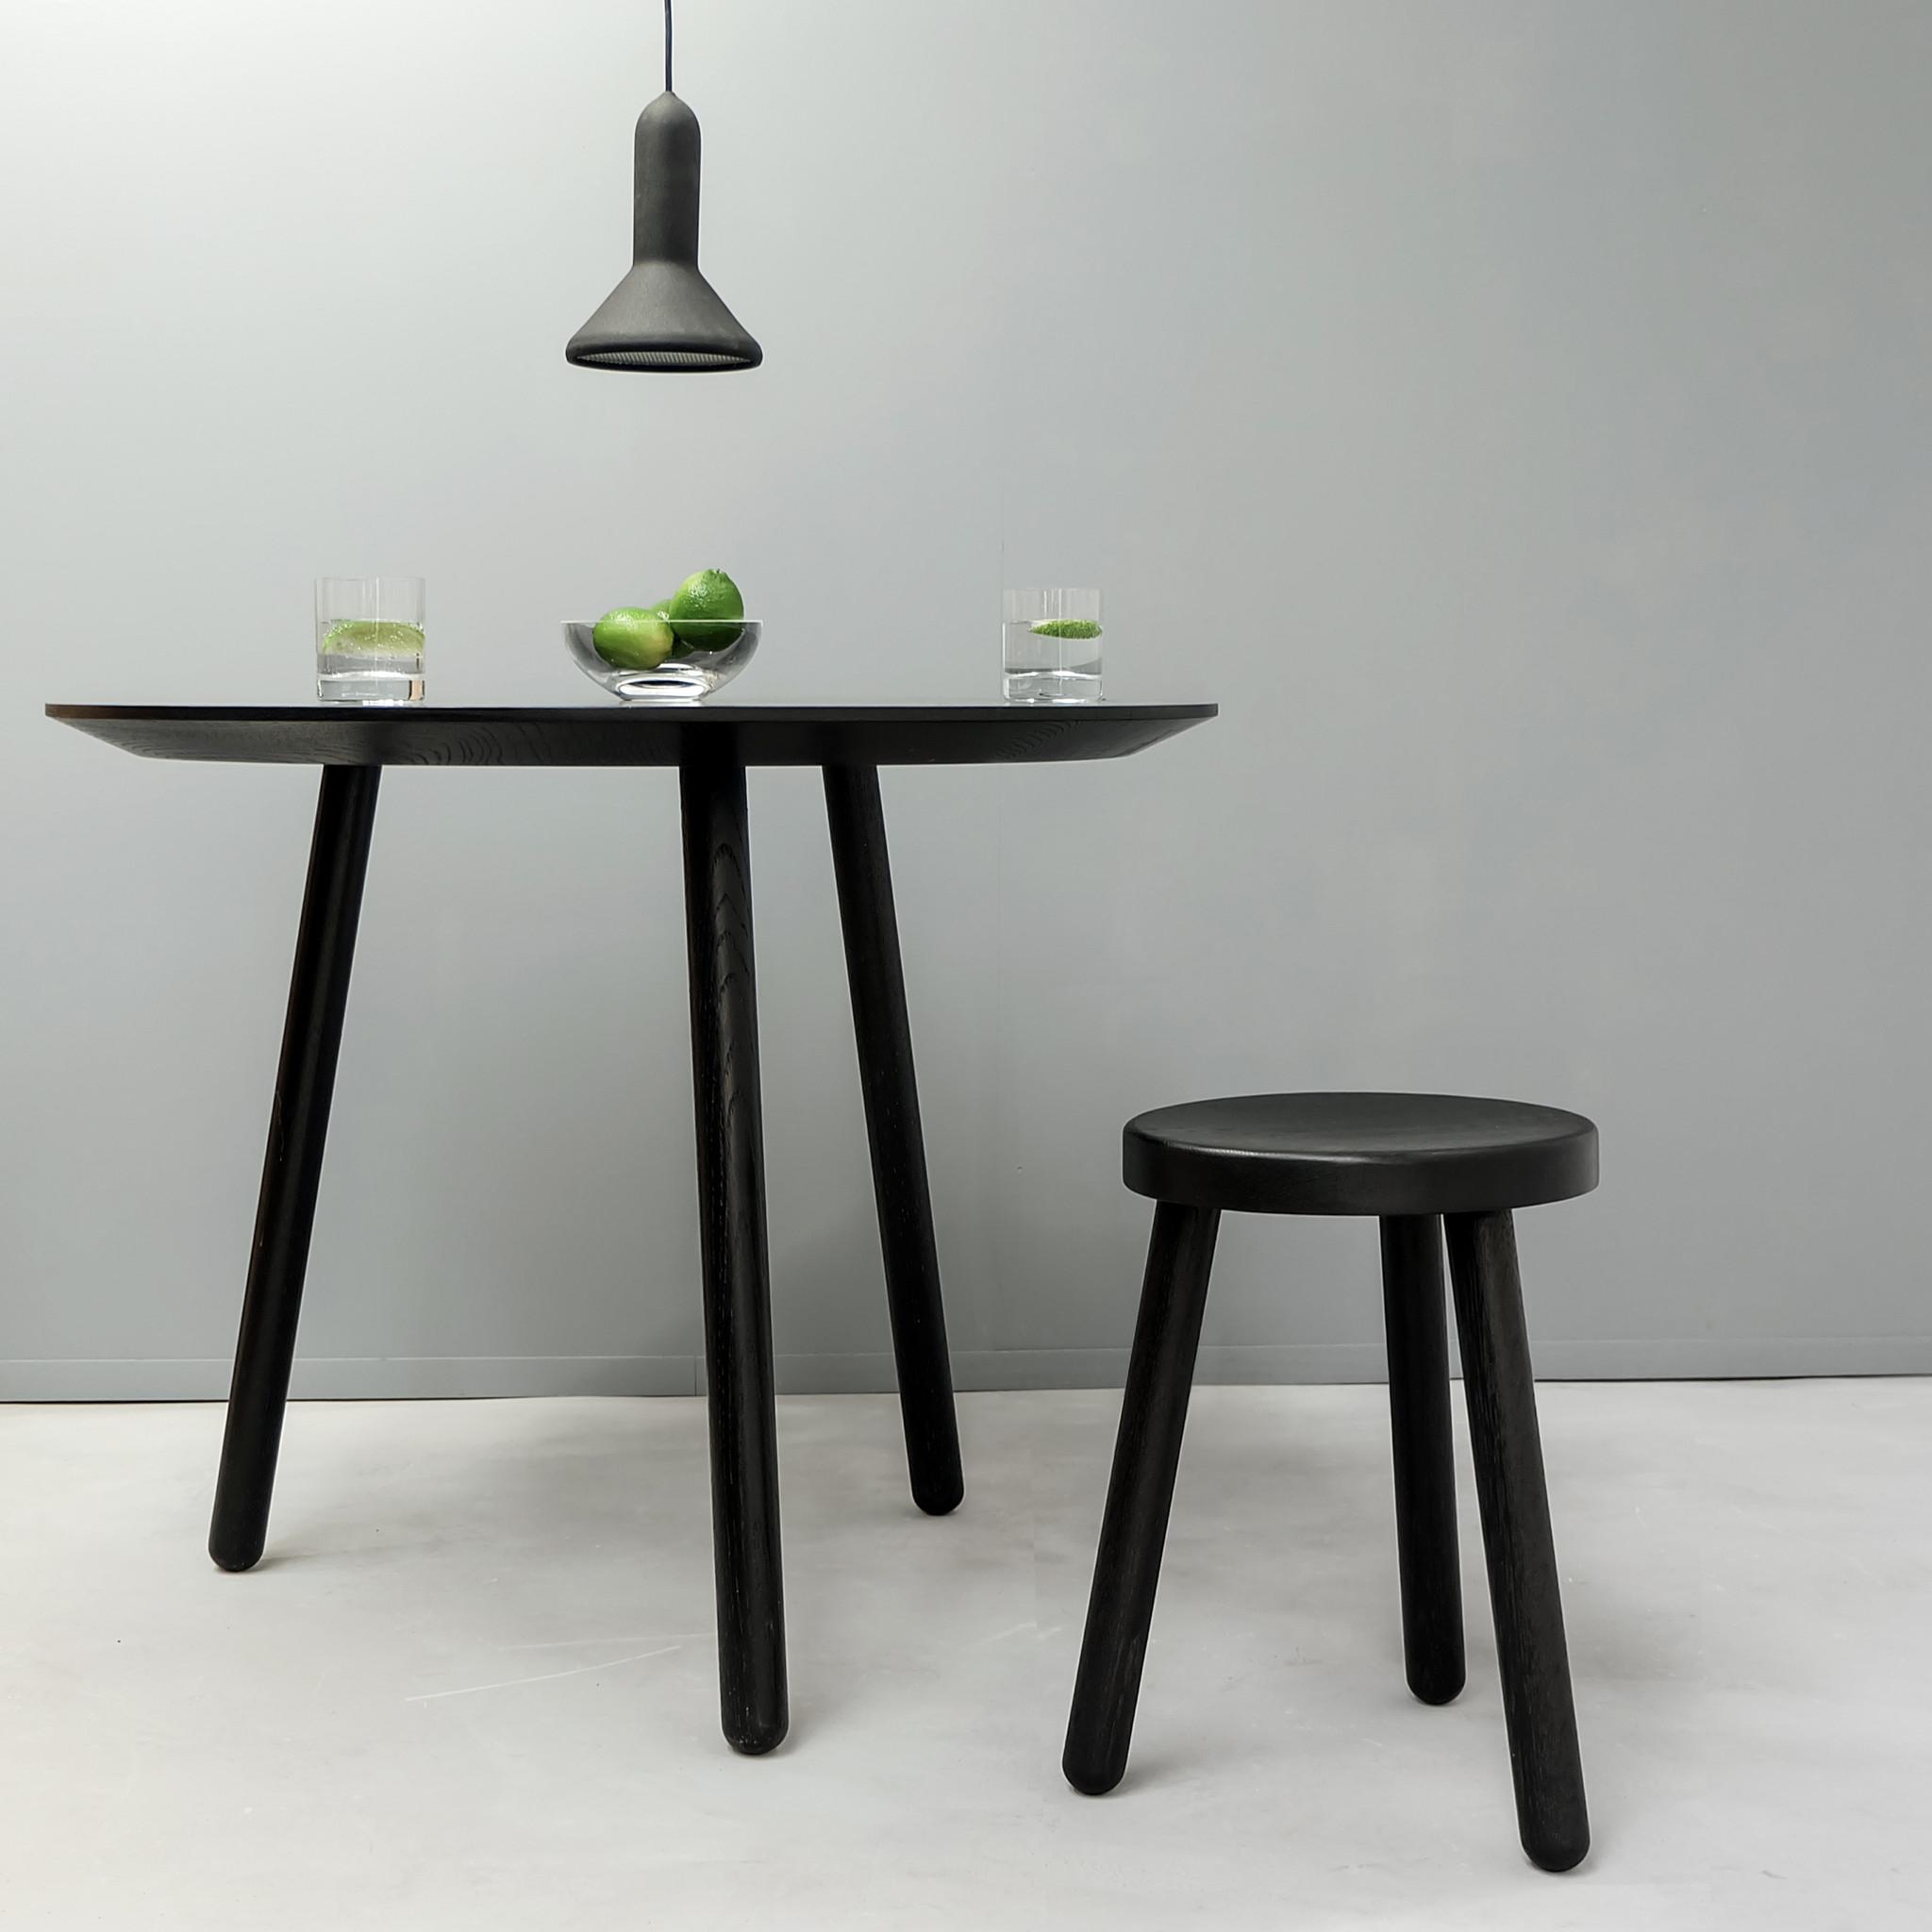 black_table_styled.jpg